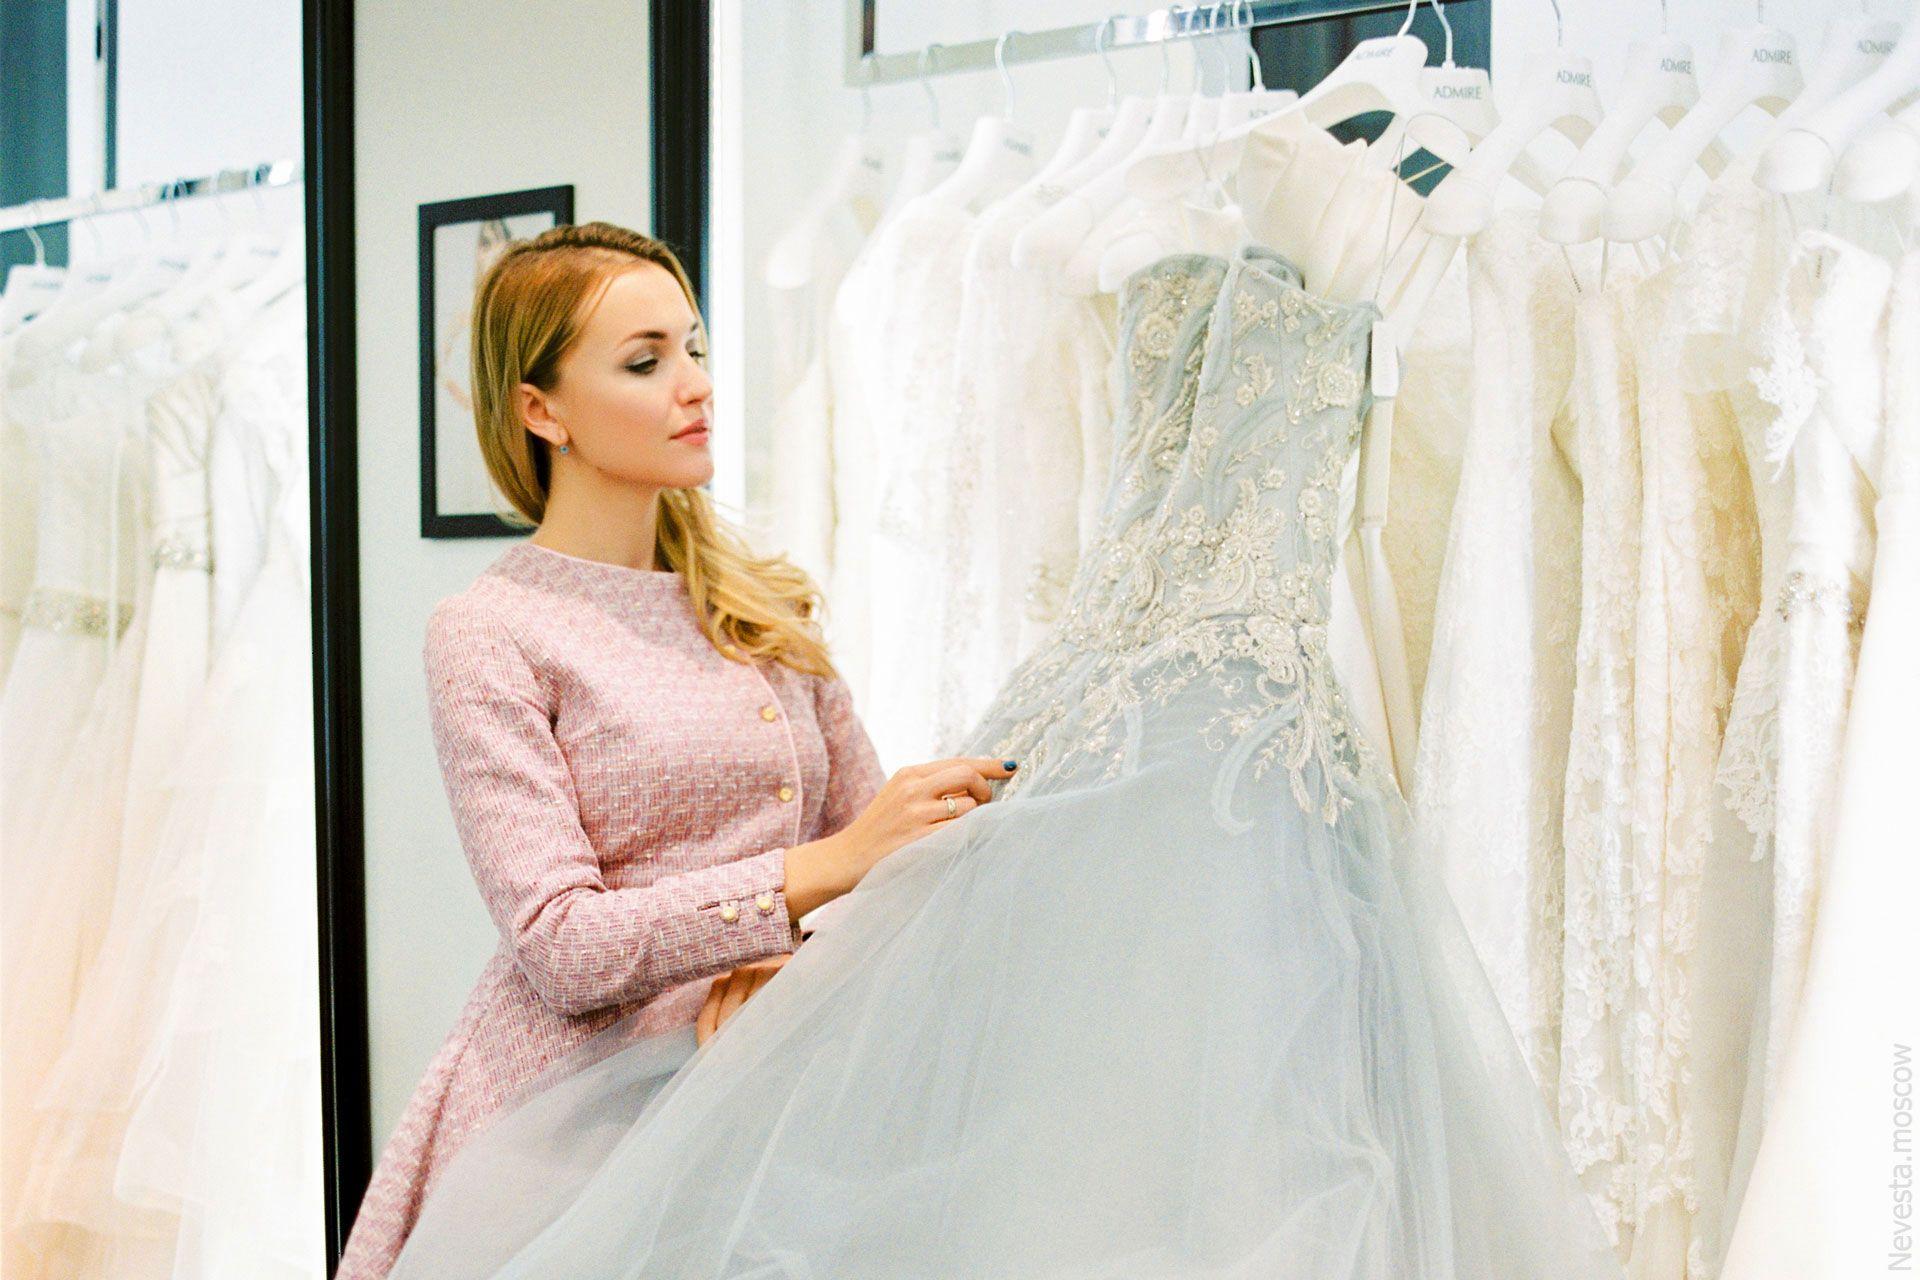 Главная героиня сериала «Деффчонки» в образе невесты от-кутюр фото 1